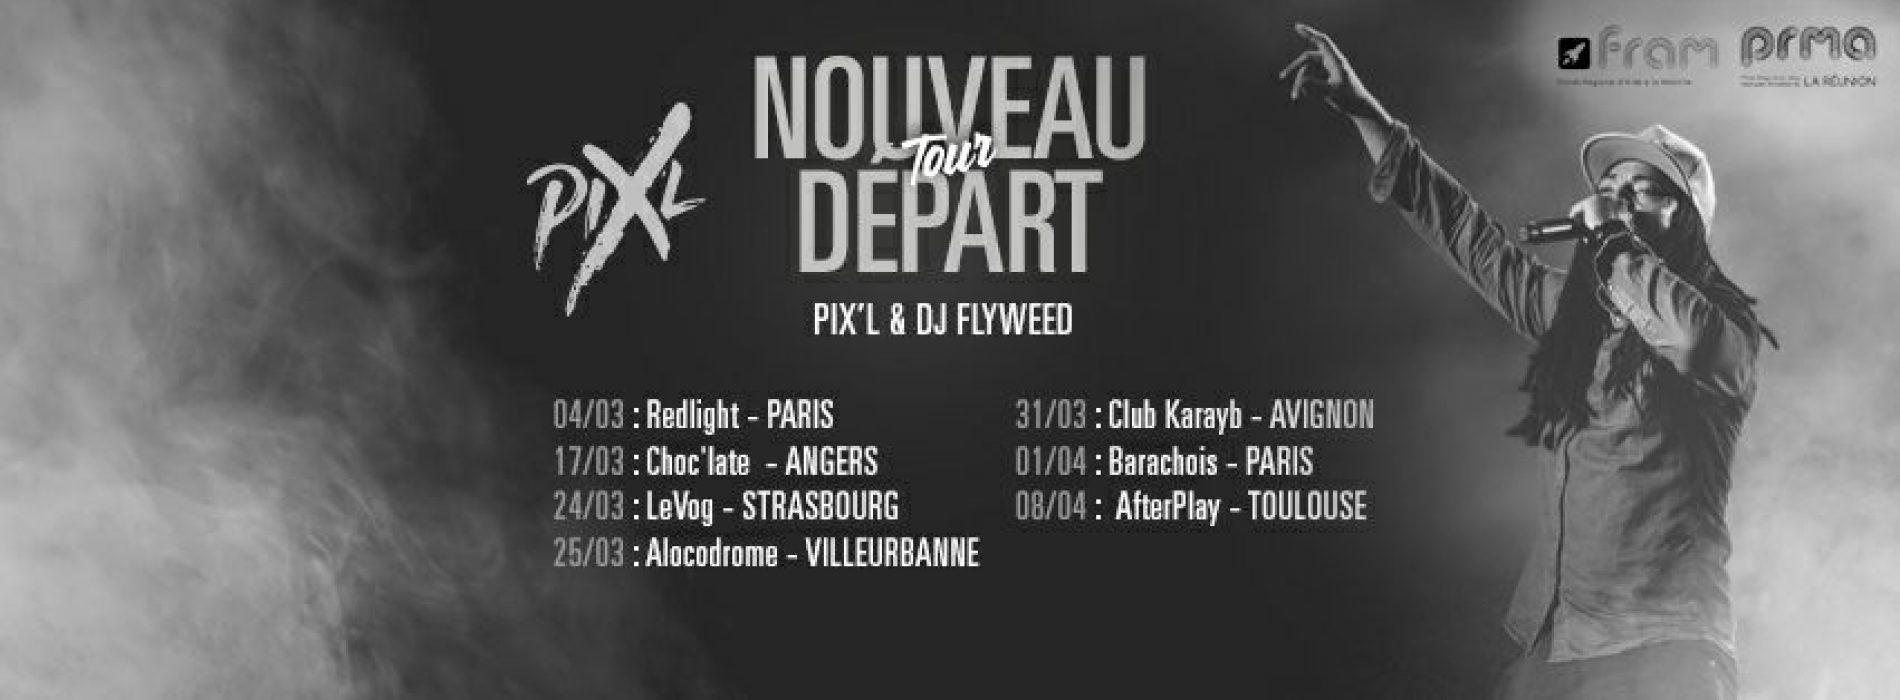 PIX-L Nouveau Départ Tour 2017 ( Paris, Angers,Strasbourg,Villeurbanne…) / 3 Clips Pix'L & Anouchka – «Mon étoile» ; «Musique» (prod by Sskyron ) et «Dans le vide» . Mars 2017